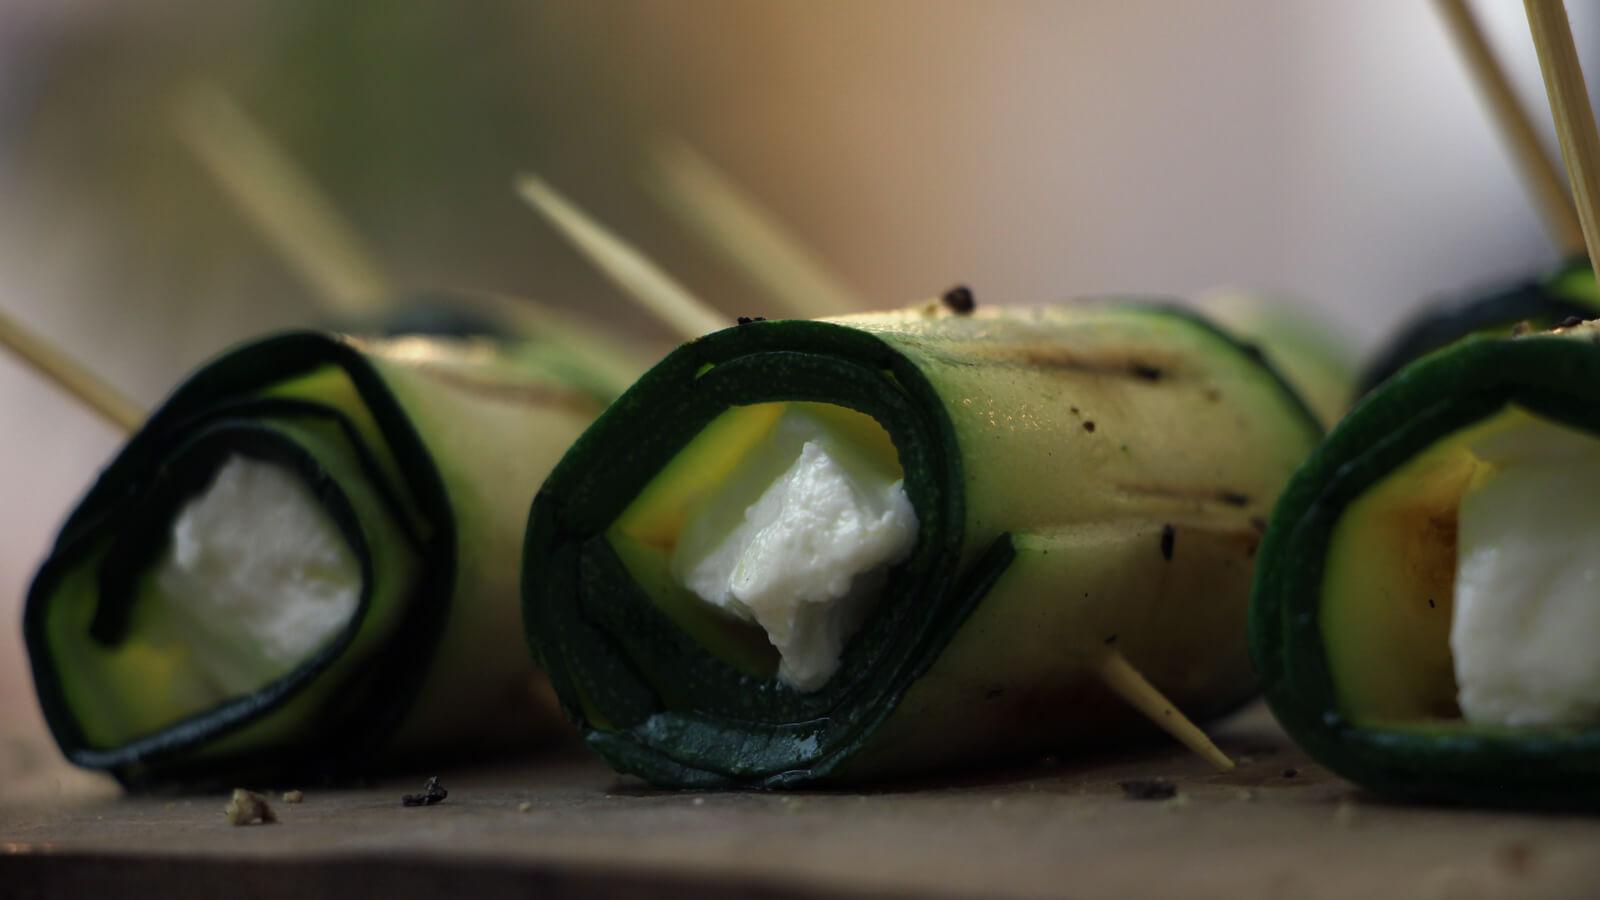 Op zoek naar heerlijke groente recepten voor de BBQ? Deze courgette rolletjes met geitenkaas zijn een aanrader!